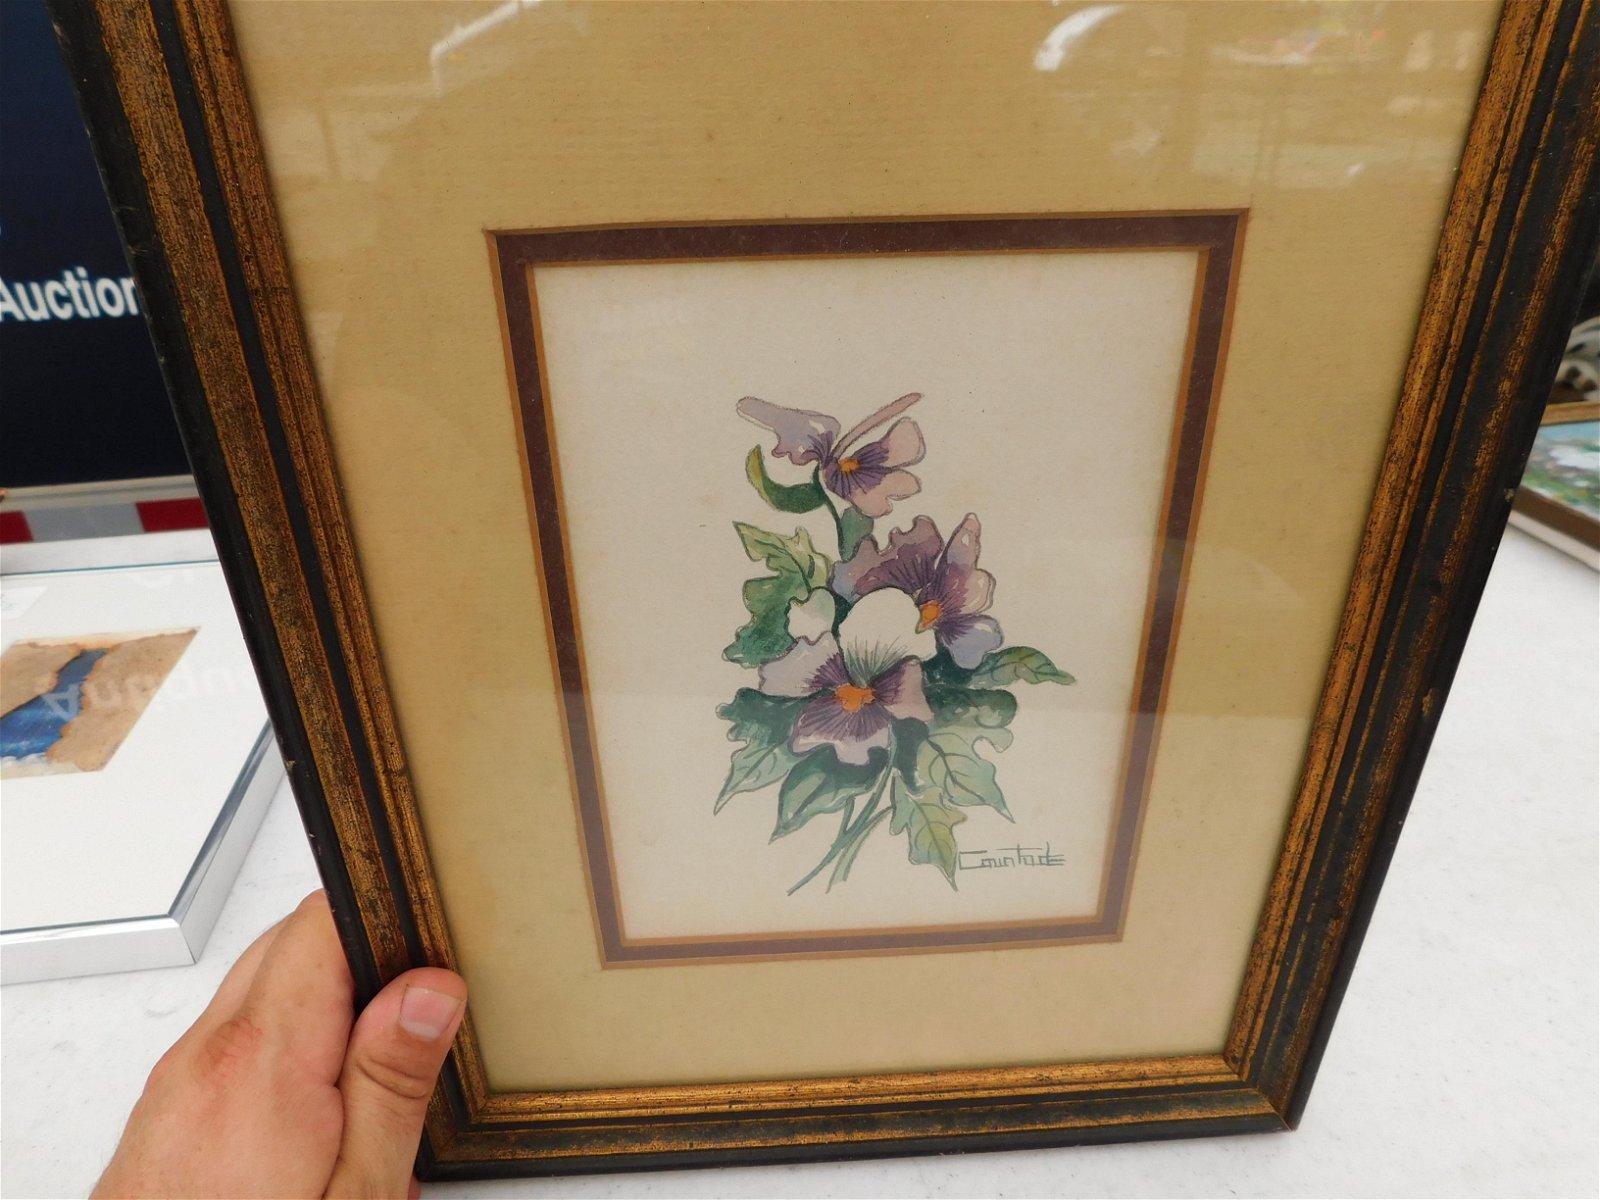 Framed Watercolor Still life Painting